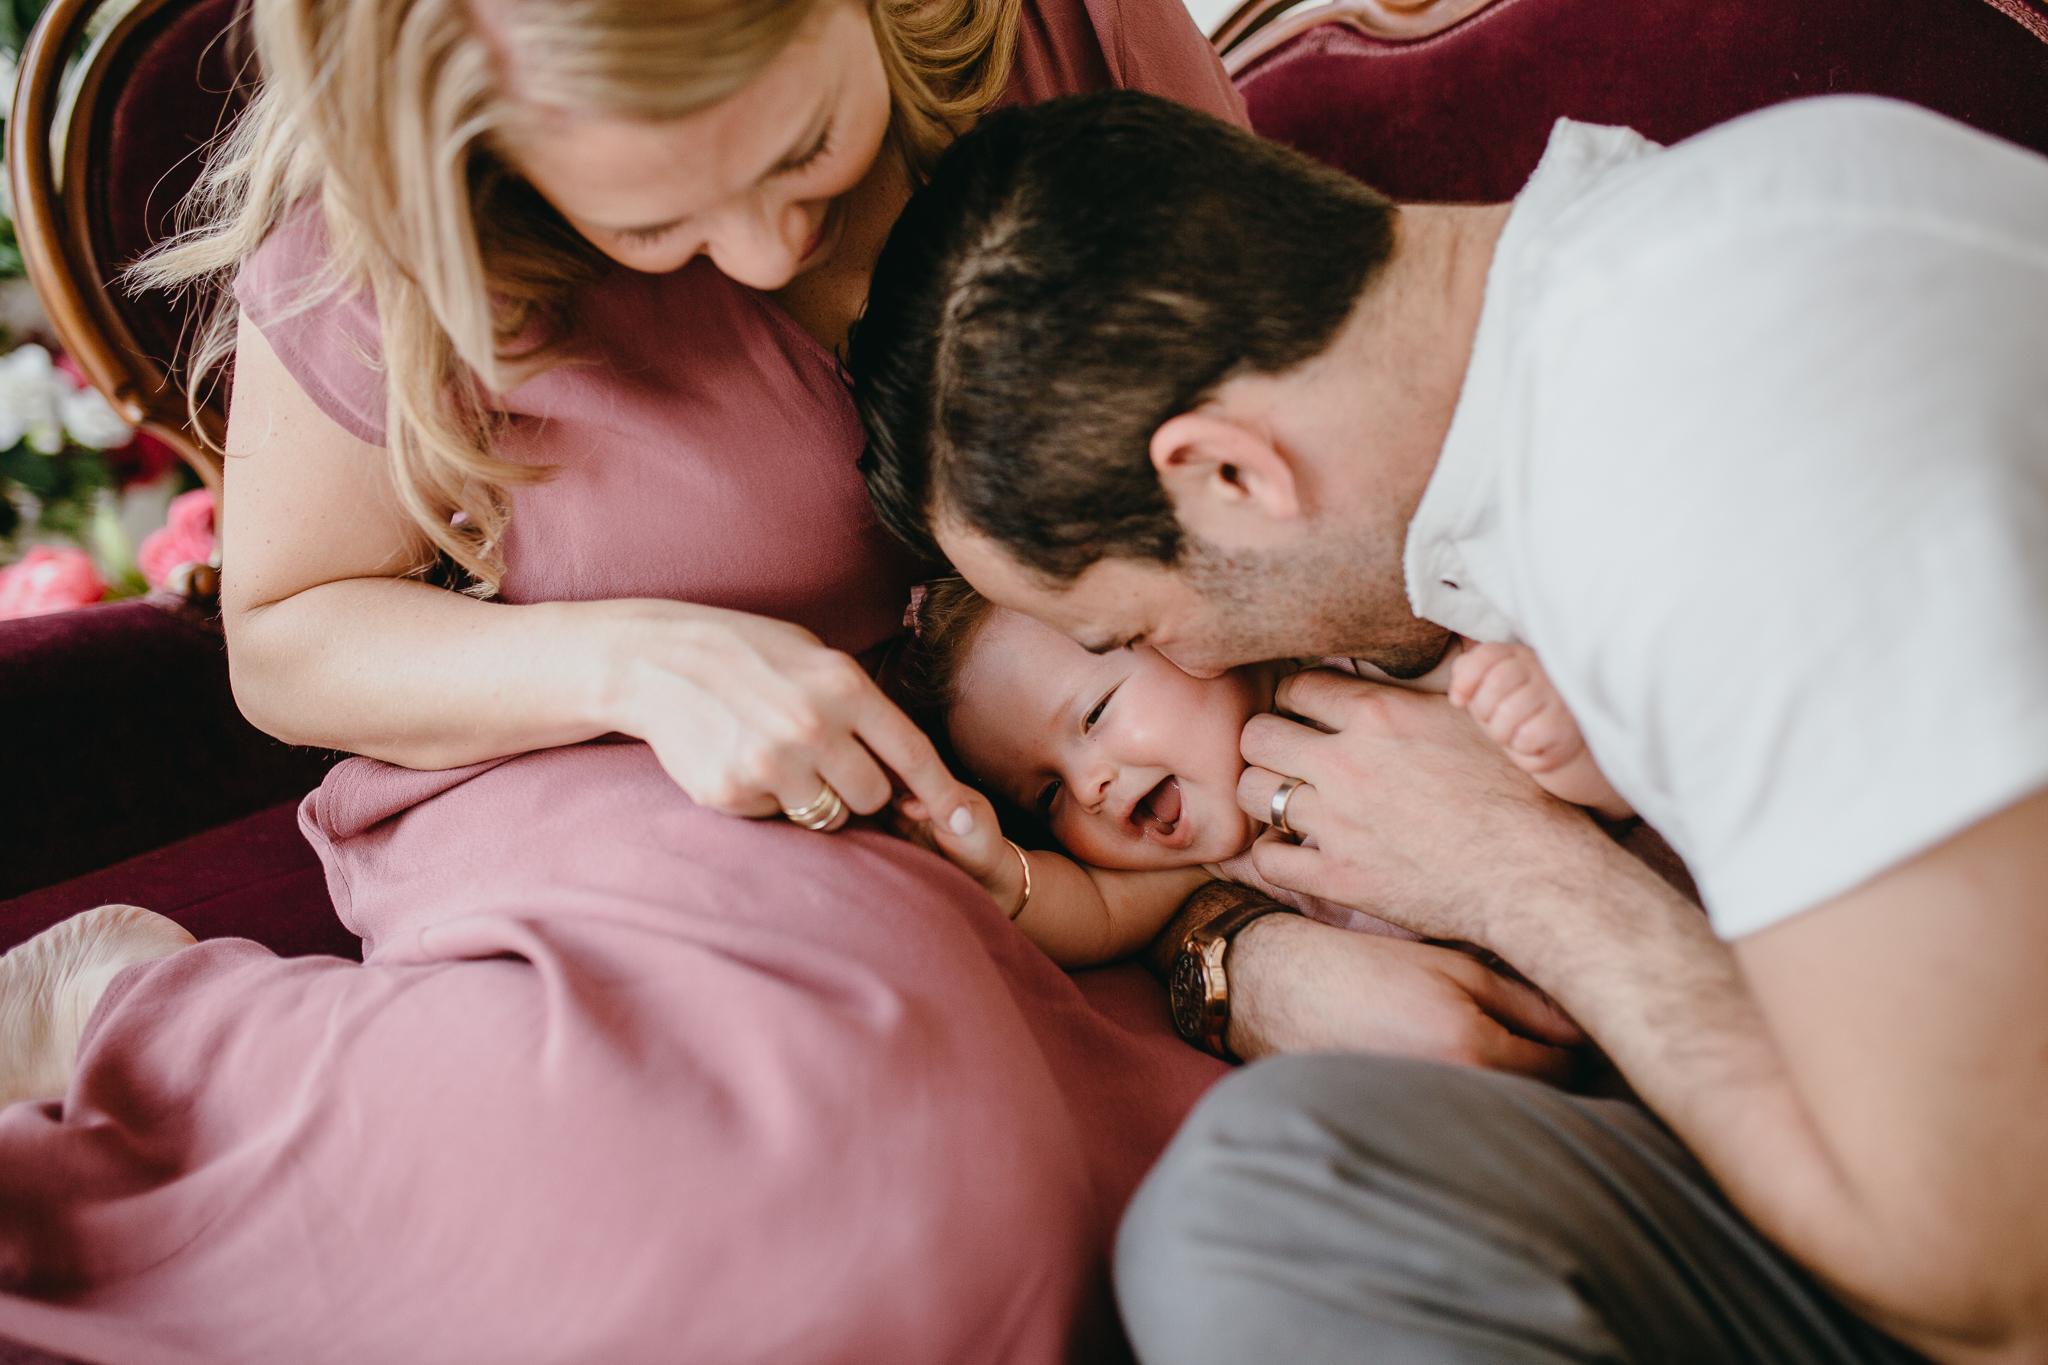 denver-family-photographer-photo-studio-14.jpg